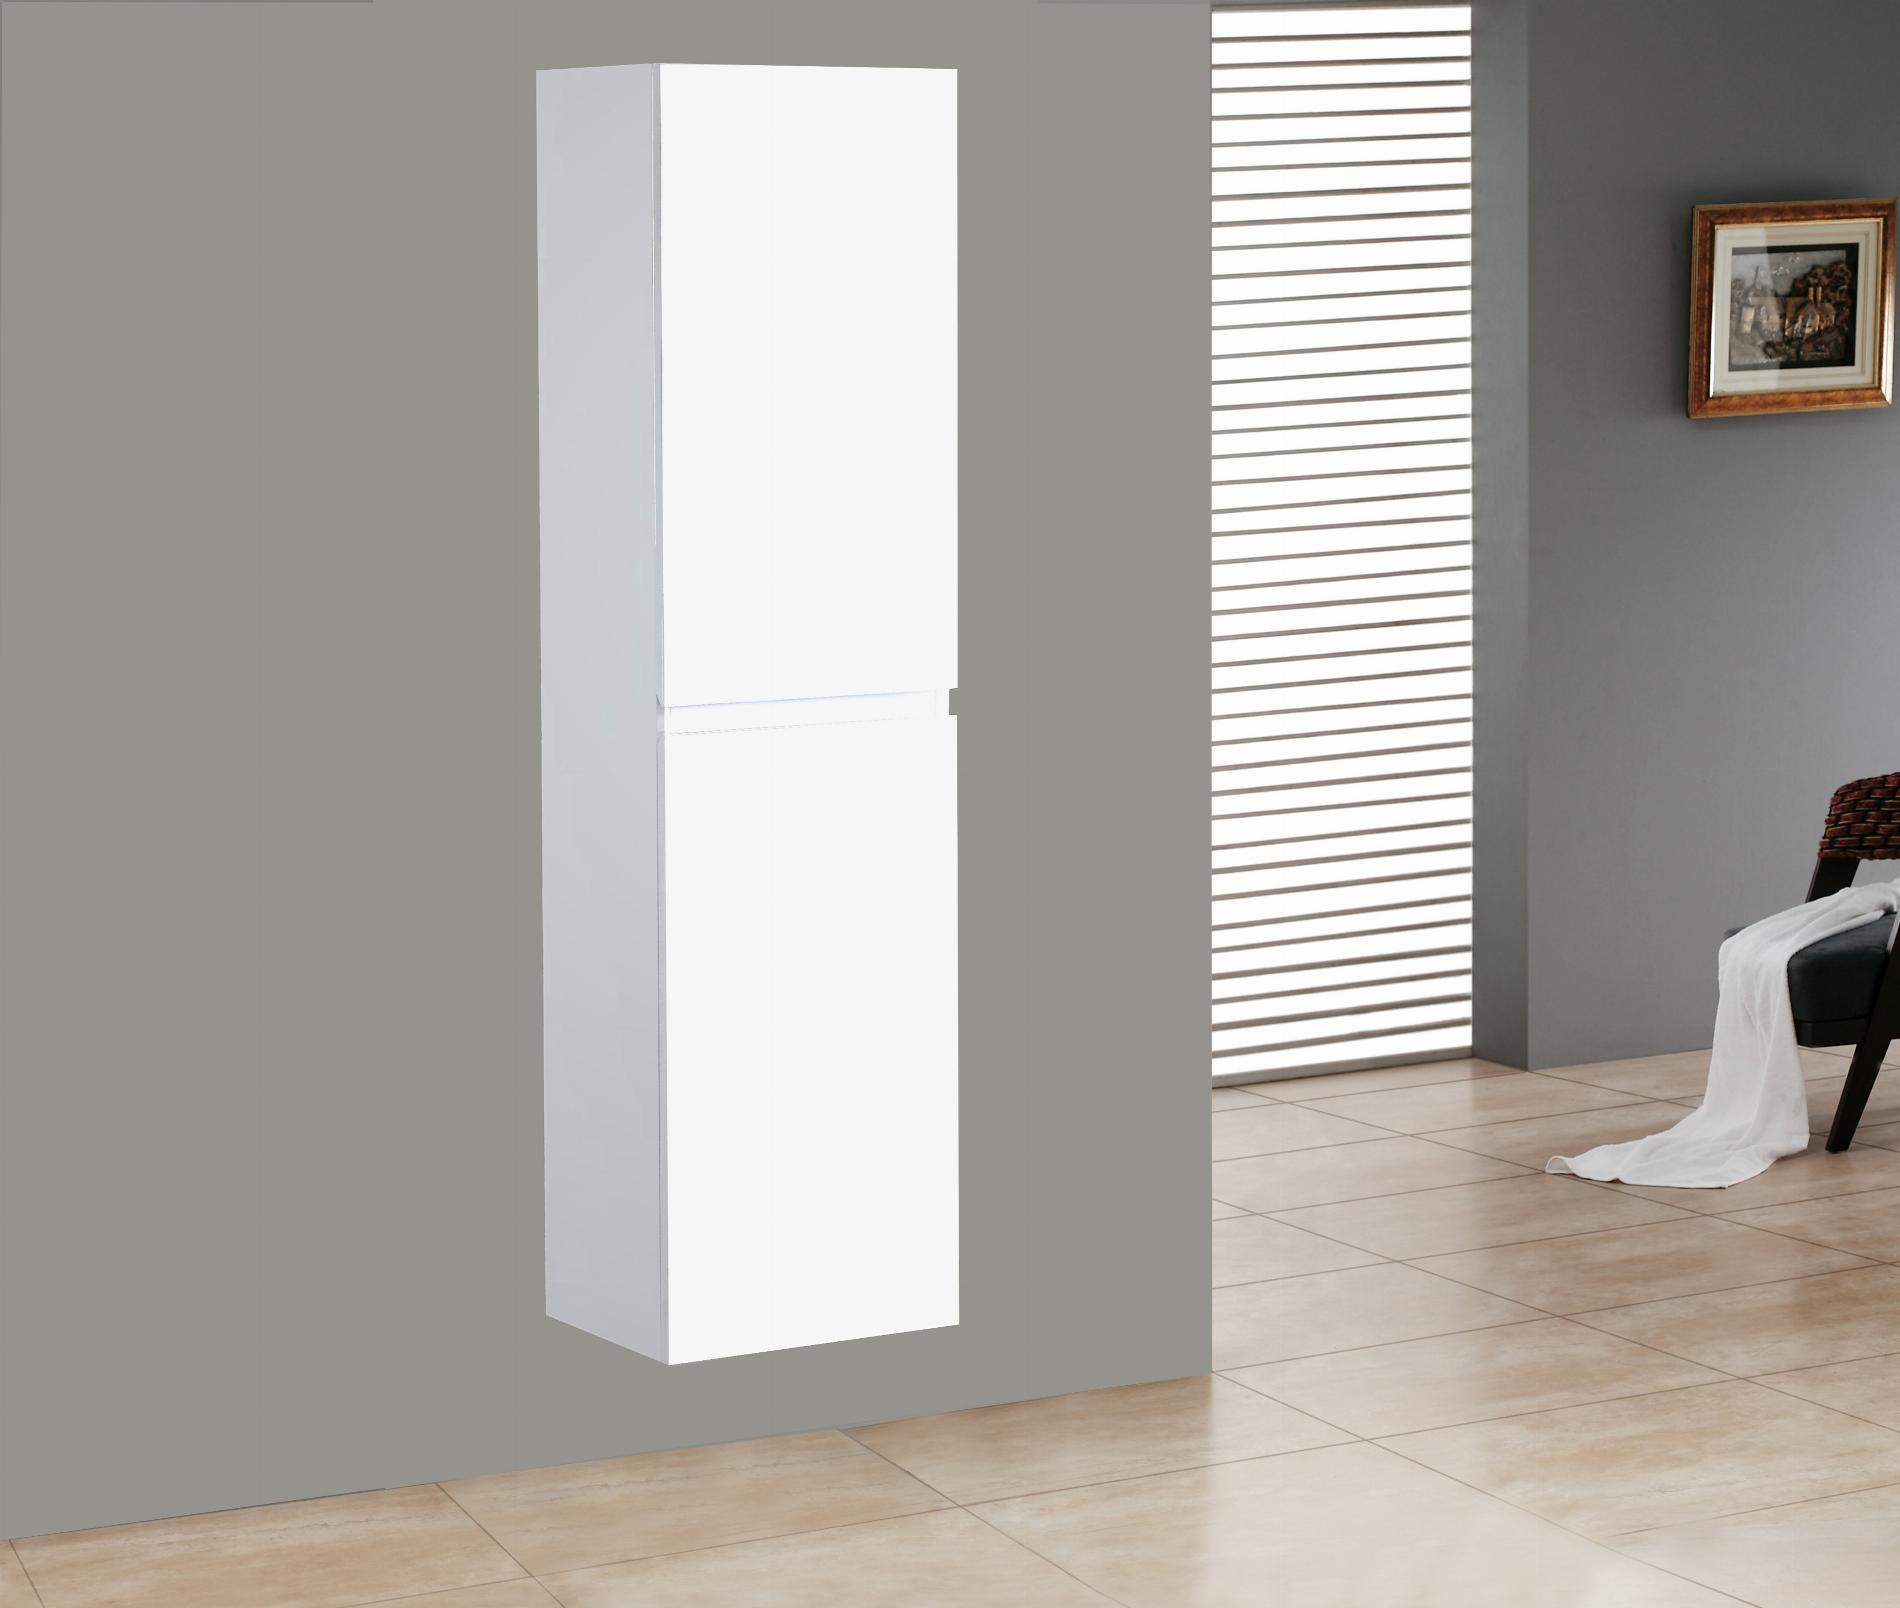 Badmöbel Seitenschrank ALGO in hochglanz-weiß